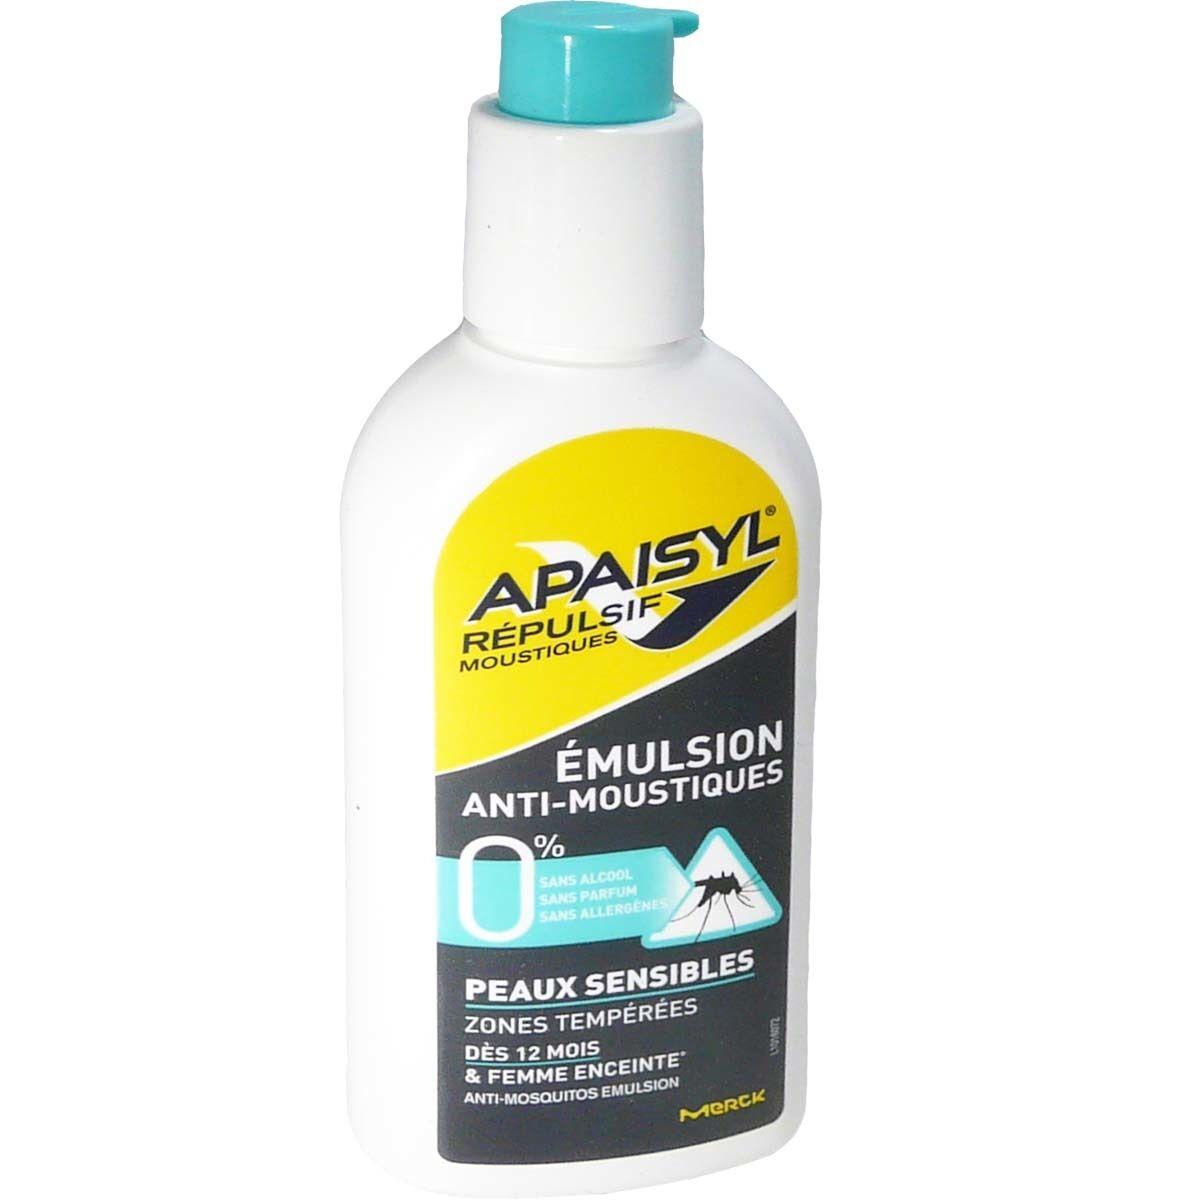 Apaisyl emulsion anti-moustique peaux sensibles 90ml